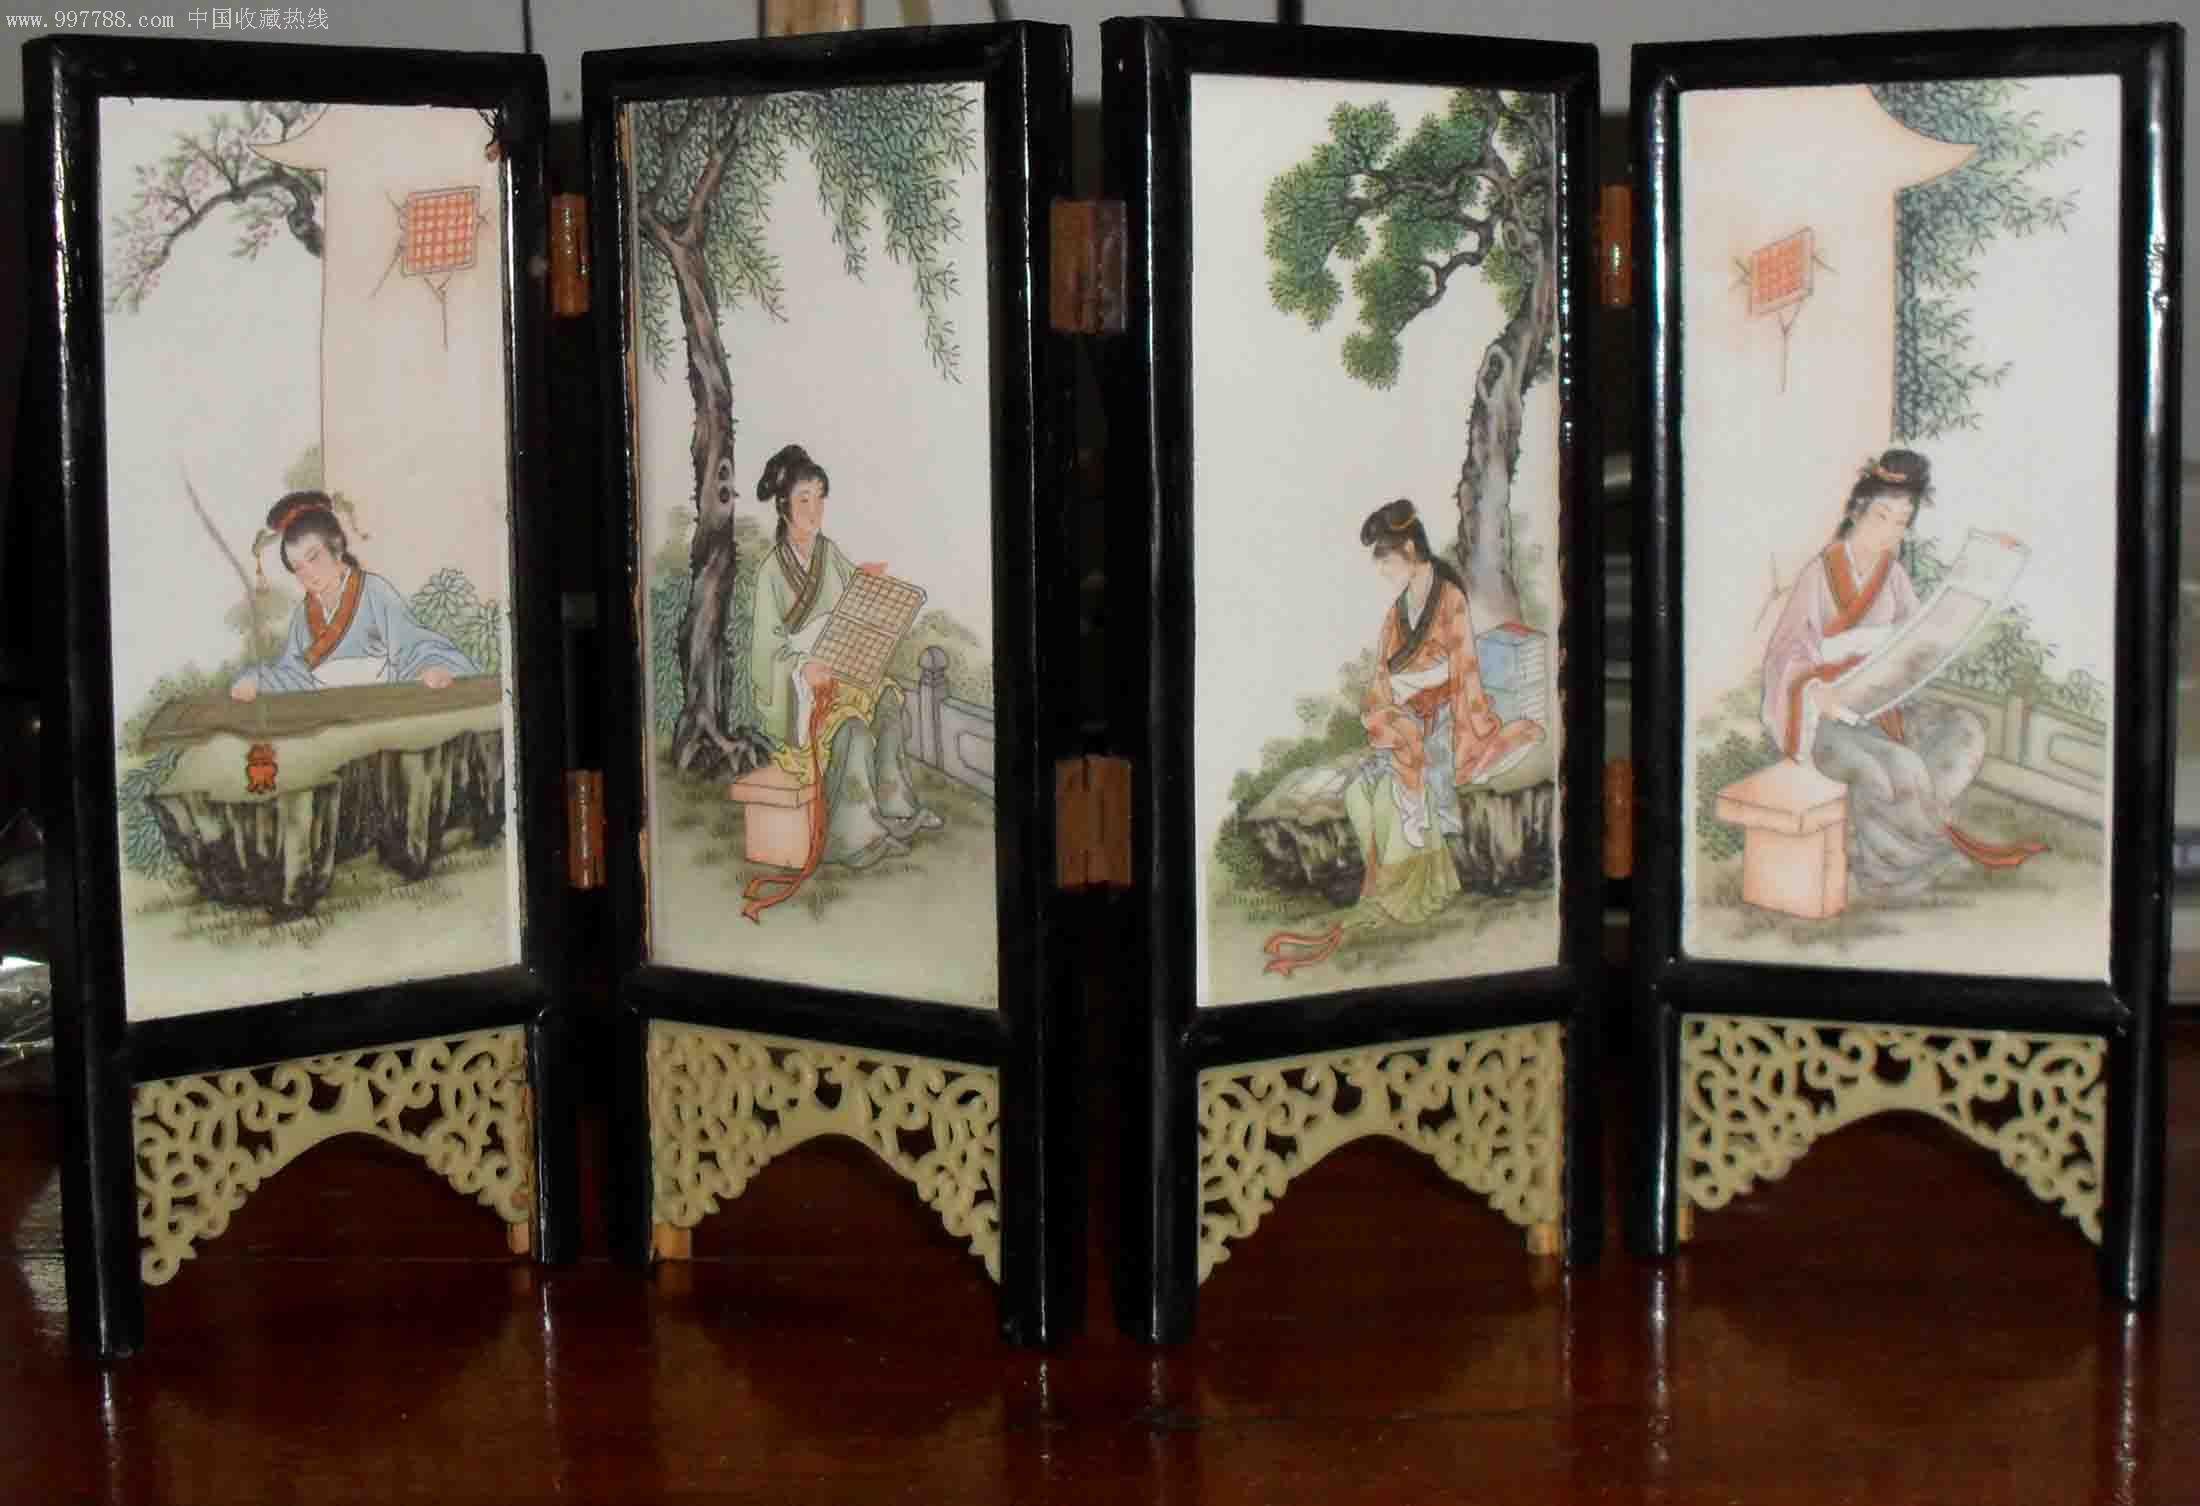 瓷砖屏风琴棋书画四美女图片